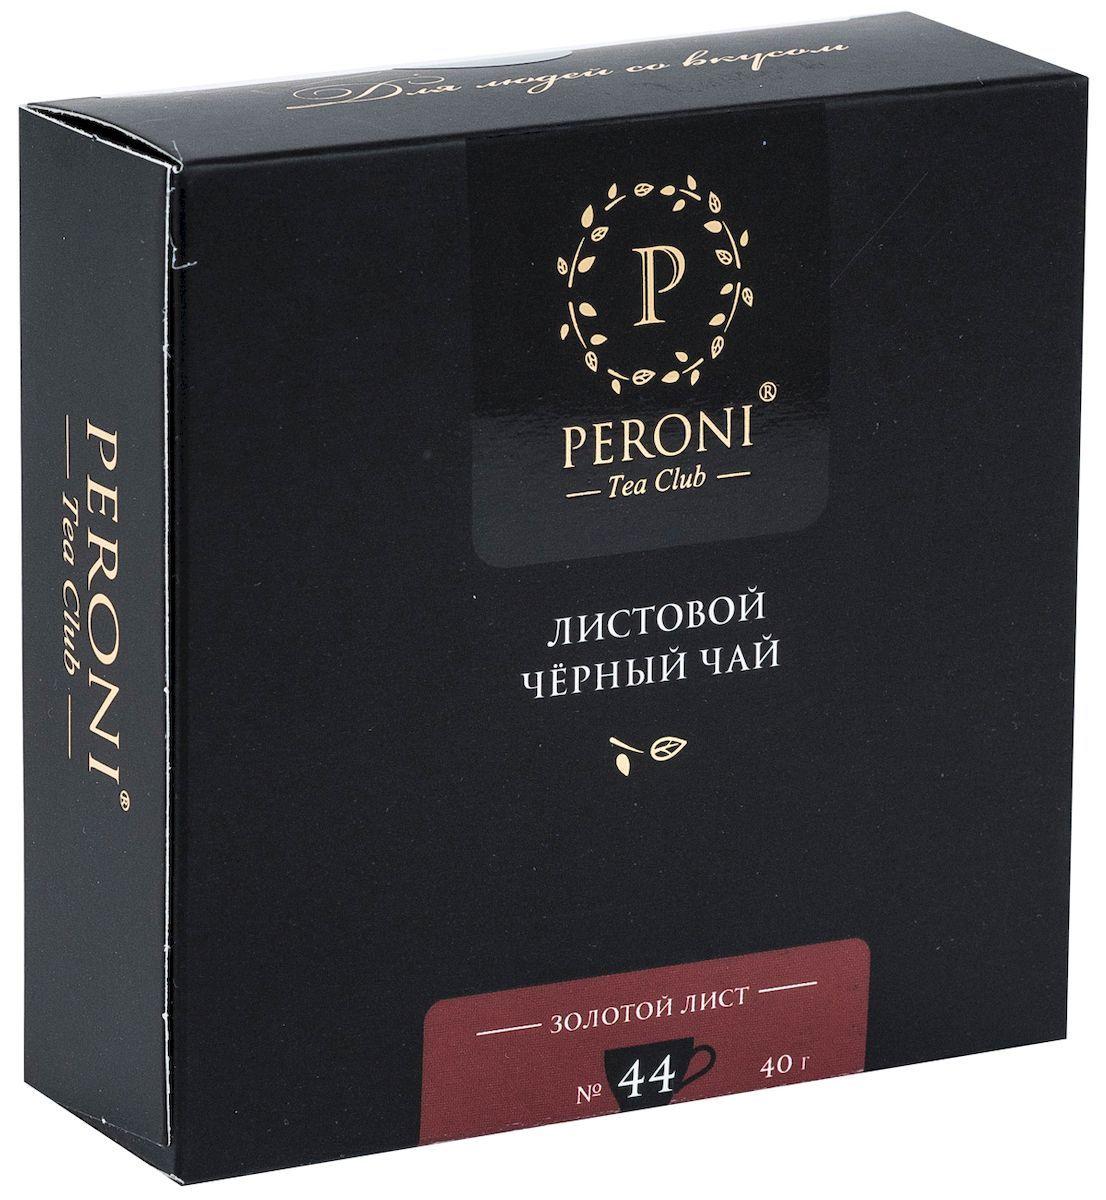 Peroni Золотой лист черный листовой чай, 40 г0120710Изысканный и мощно тонизирующий чай Peroni №44 Золотой лист стремительно и безоговорочно захватывает богатым ароматом и глубочайшим вкусом. Благодаря многогранности аромата и искусству чайных технологов, его вкус вмещает всю палитру категории красных чаев.